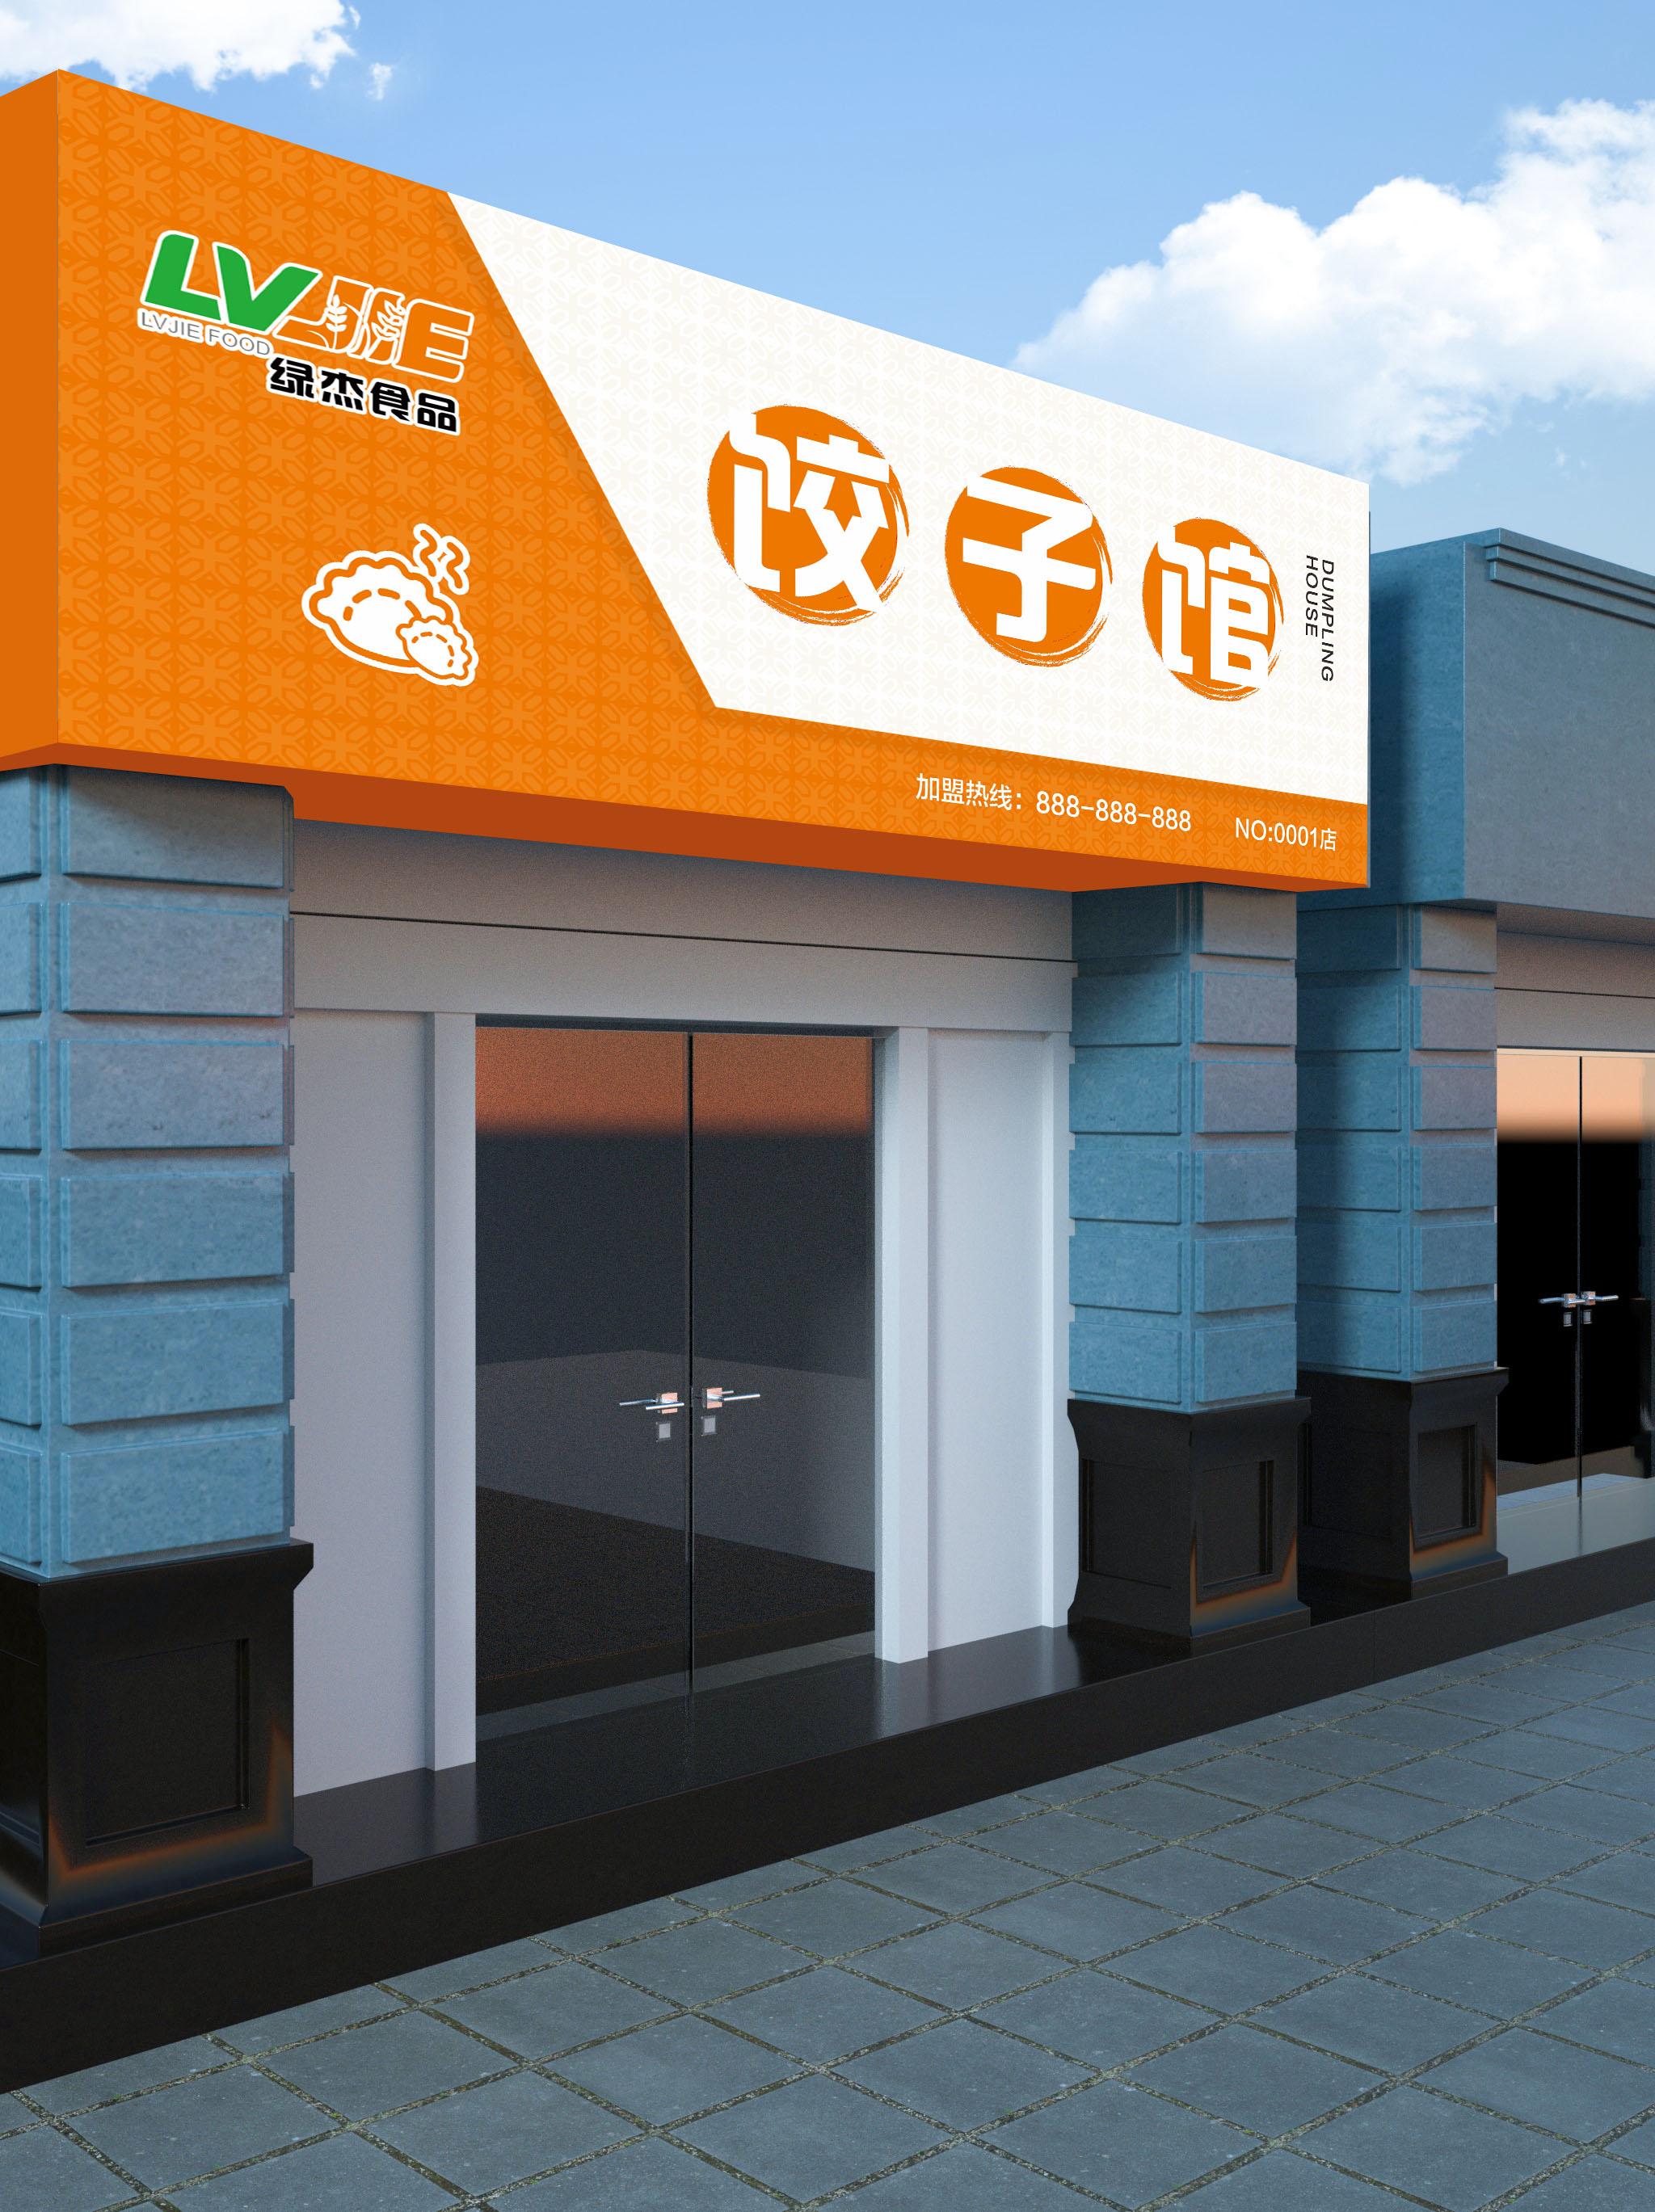 绿杰食品——饺子馆门头设计